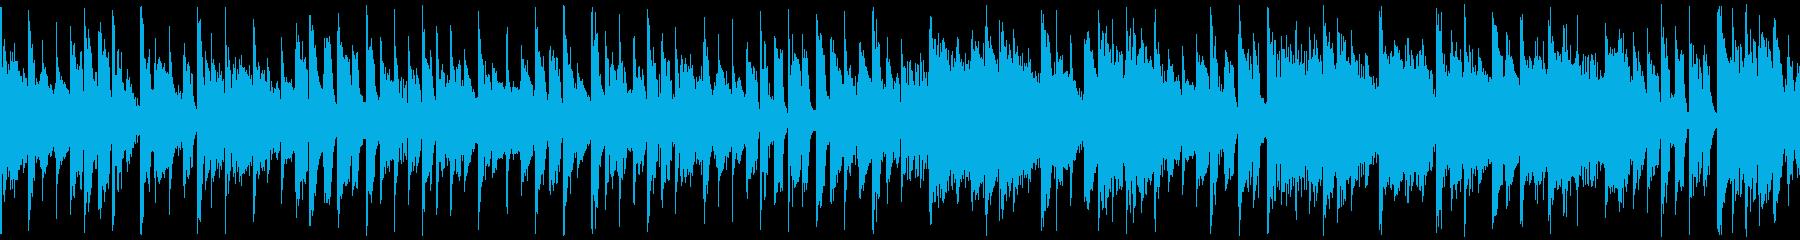 【ループ再生】シリアスなチャレジ、試験の再生済みの波形